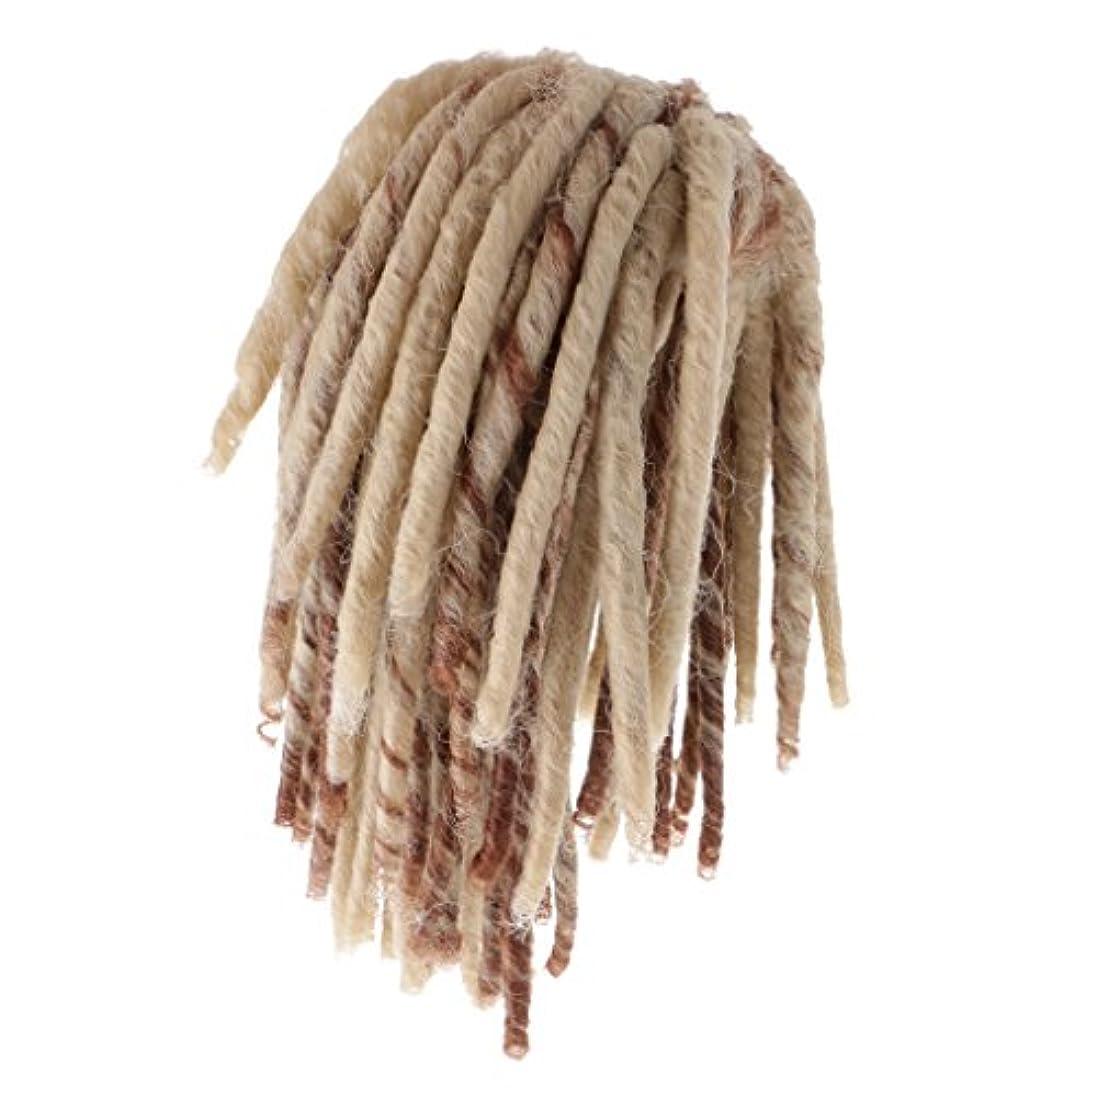 無臭未満受け皿Dovewill 人形用ウィッグ  ドレッドかつら  カーリー かつら  髪 ヘア 18インチドール用  DIY修理用品  全2色  - ブラウン